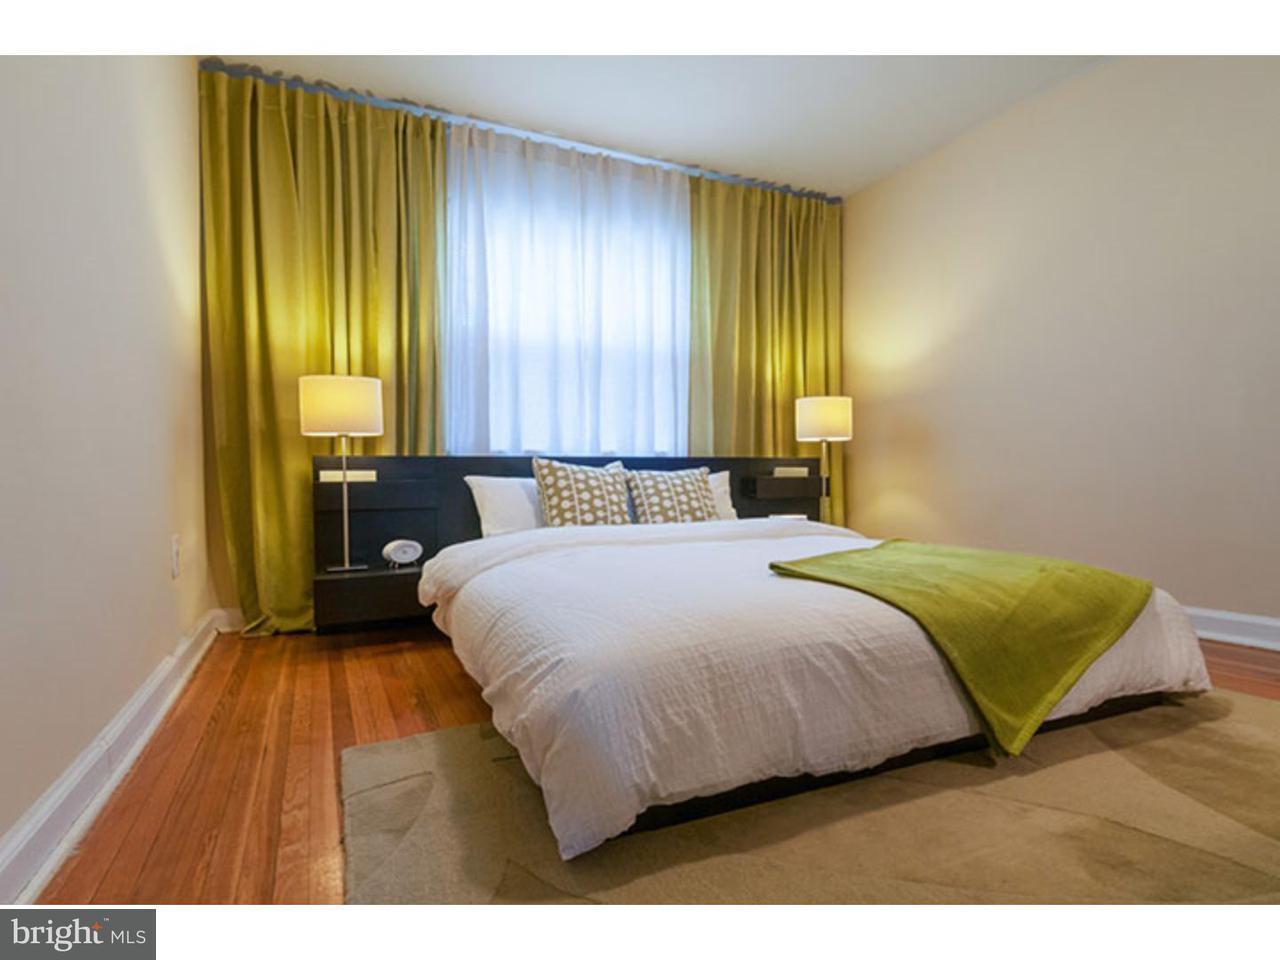 Casa Unifamiliar por un Alquiler en 213 GARFIELD AVE #227B Collingswood, Nueva Jersey 08108 Estados Unidos